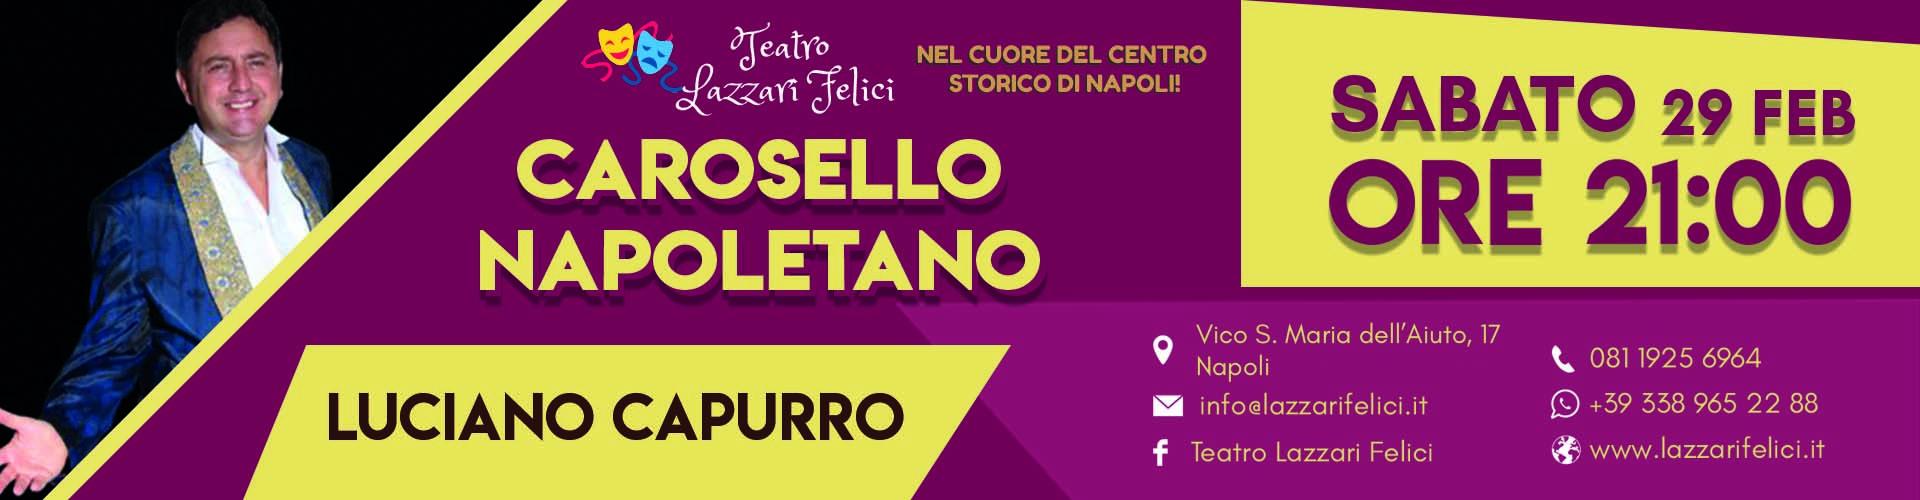 Spettacolo musical teatrale con Luciano Capurro